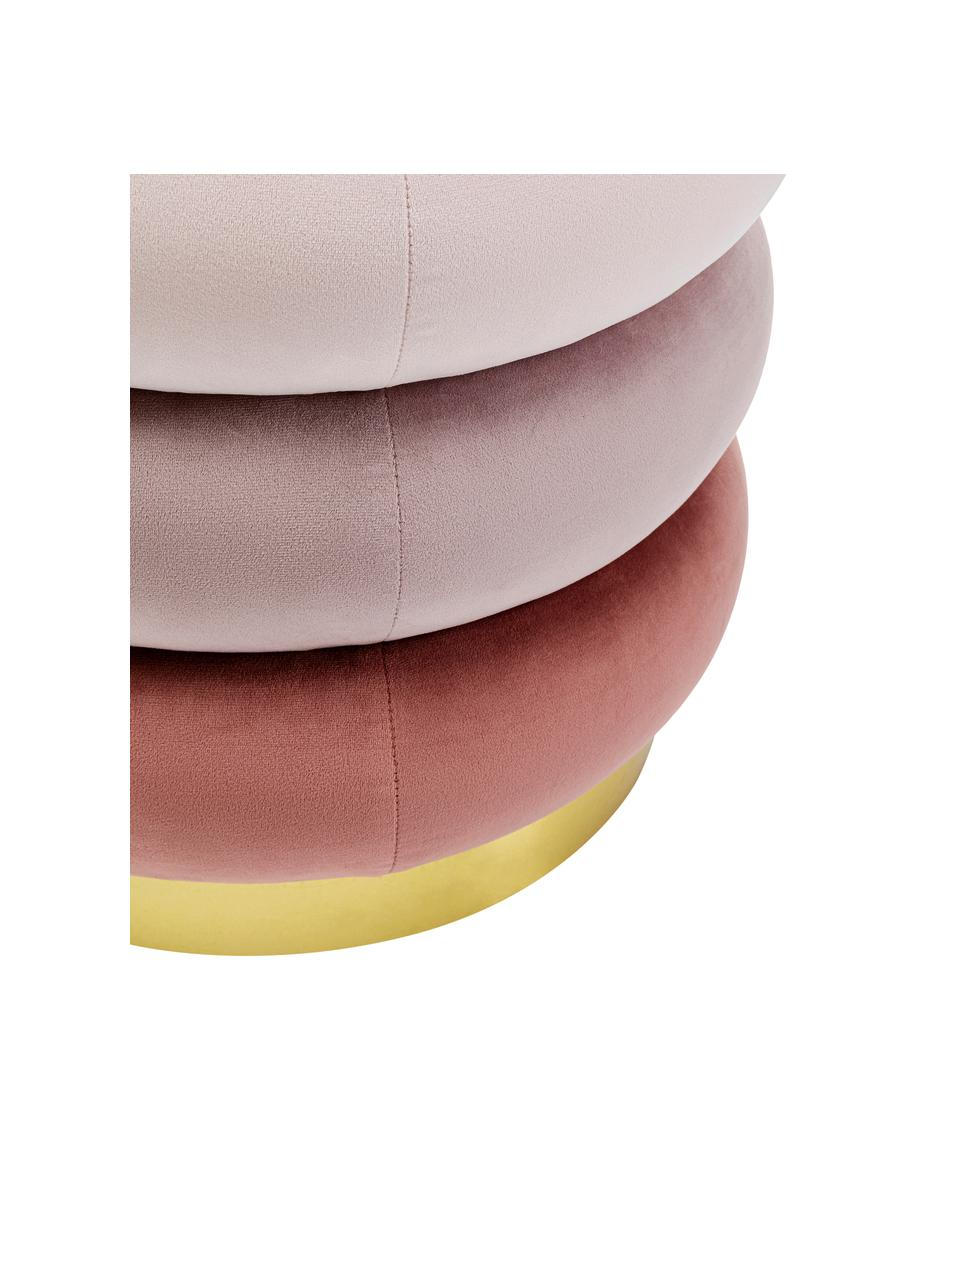 Pouf imbottito in velluto Sandwich, Rivestimento: poliestere, Sottostruttura: truciolato, Rosa, Ø 40 x Alt. 40 cm